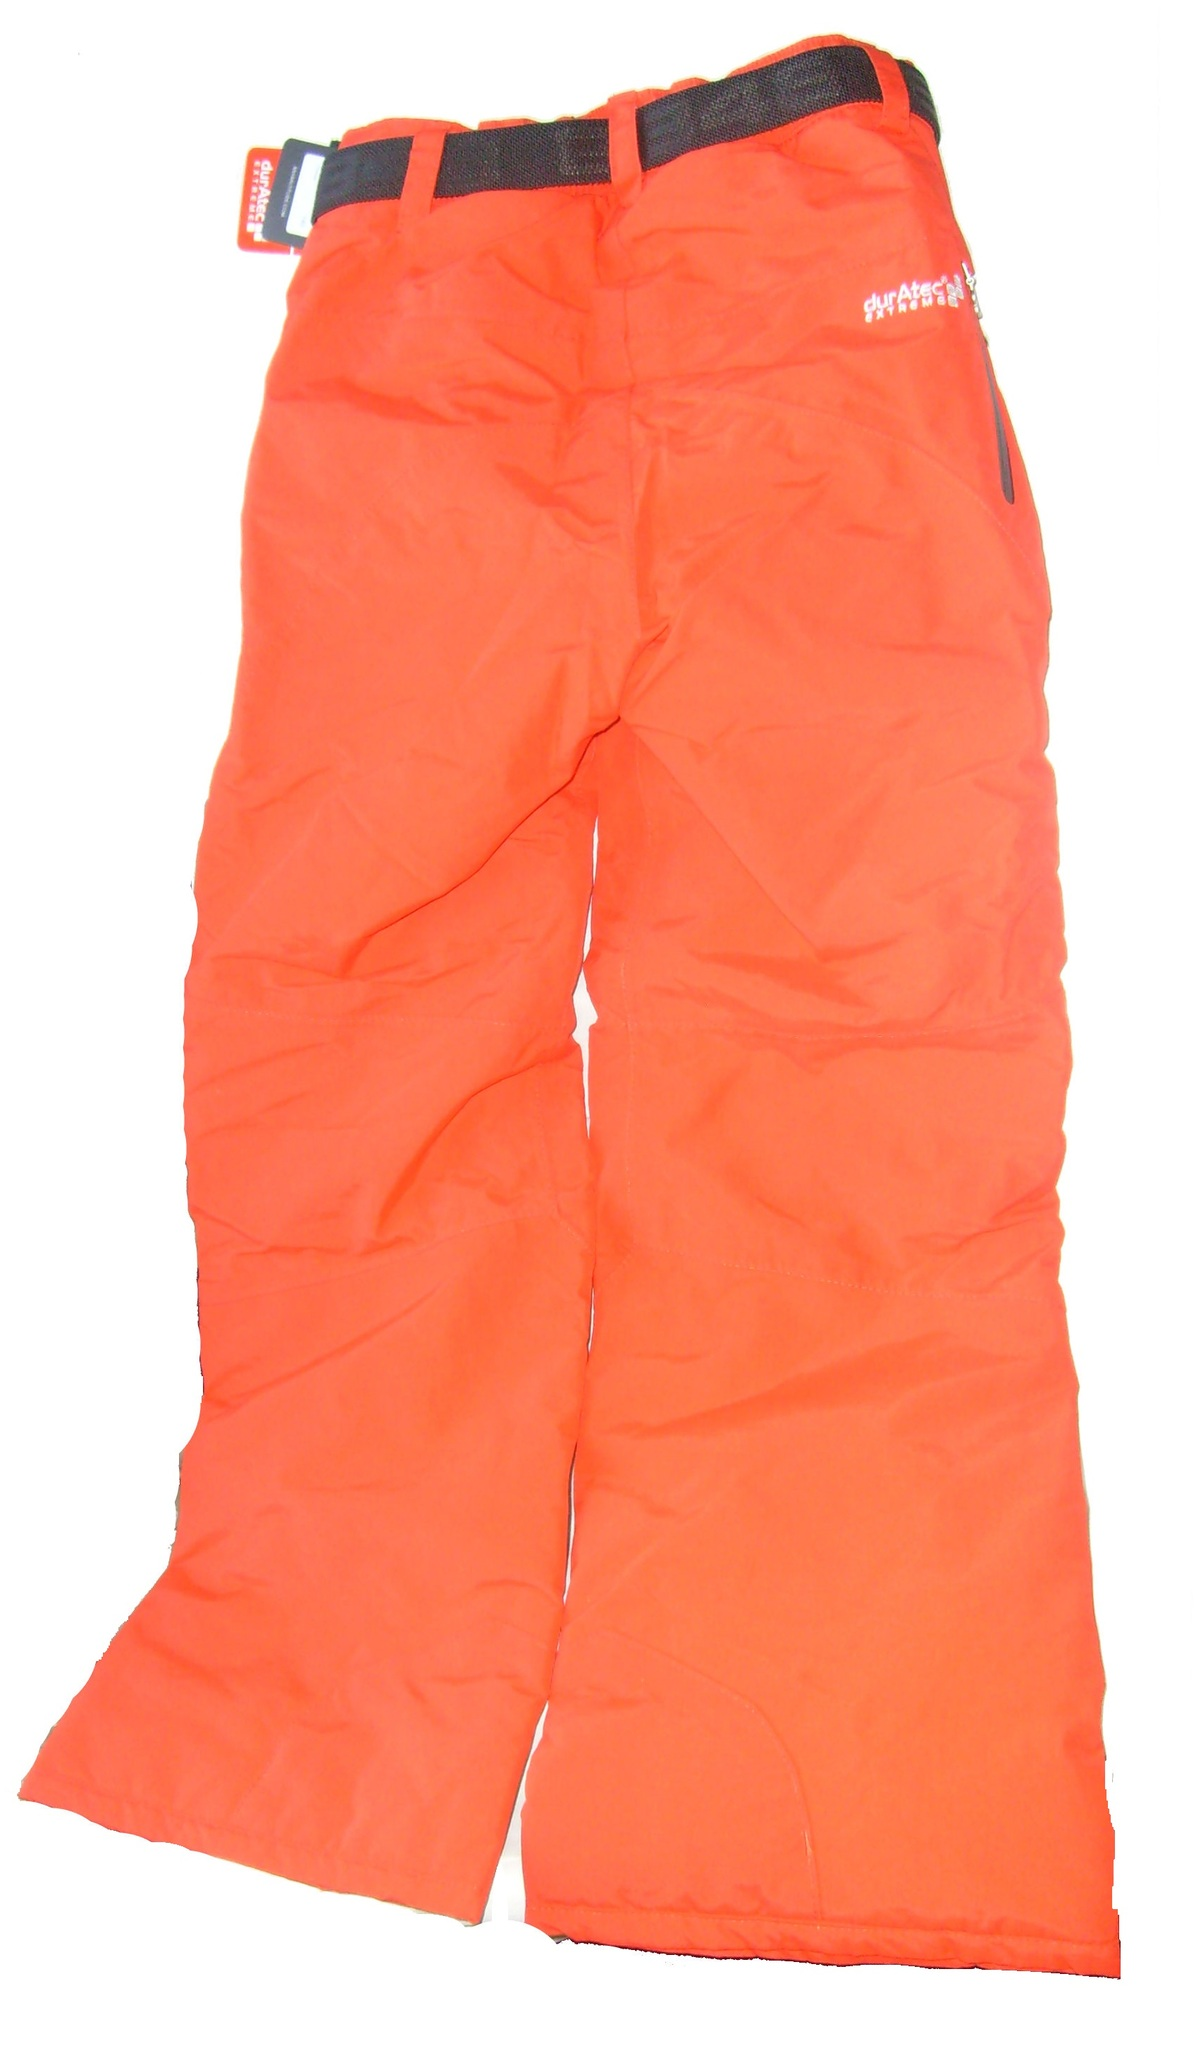 Брюки горнолыжные 8848 Altitude Steller детские Orange (839031)